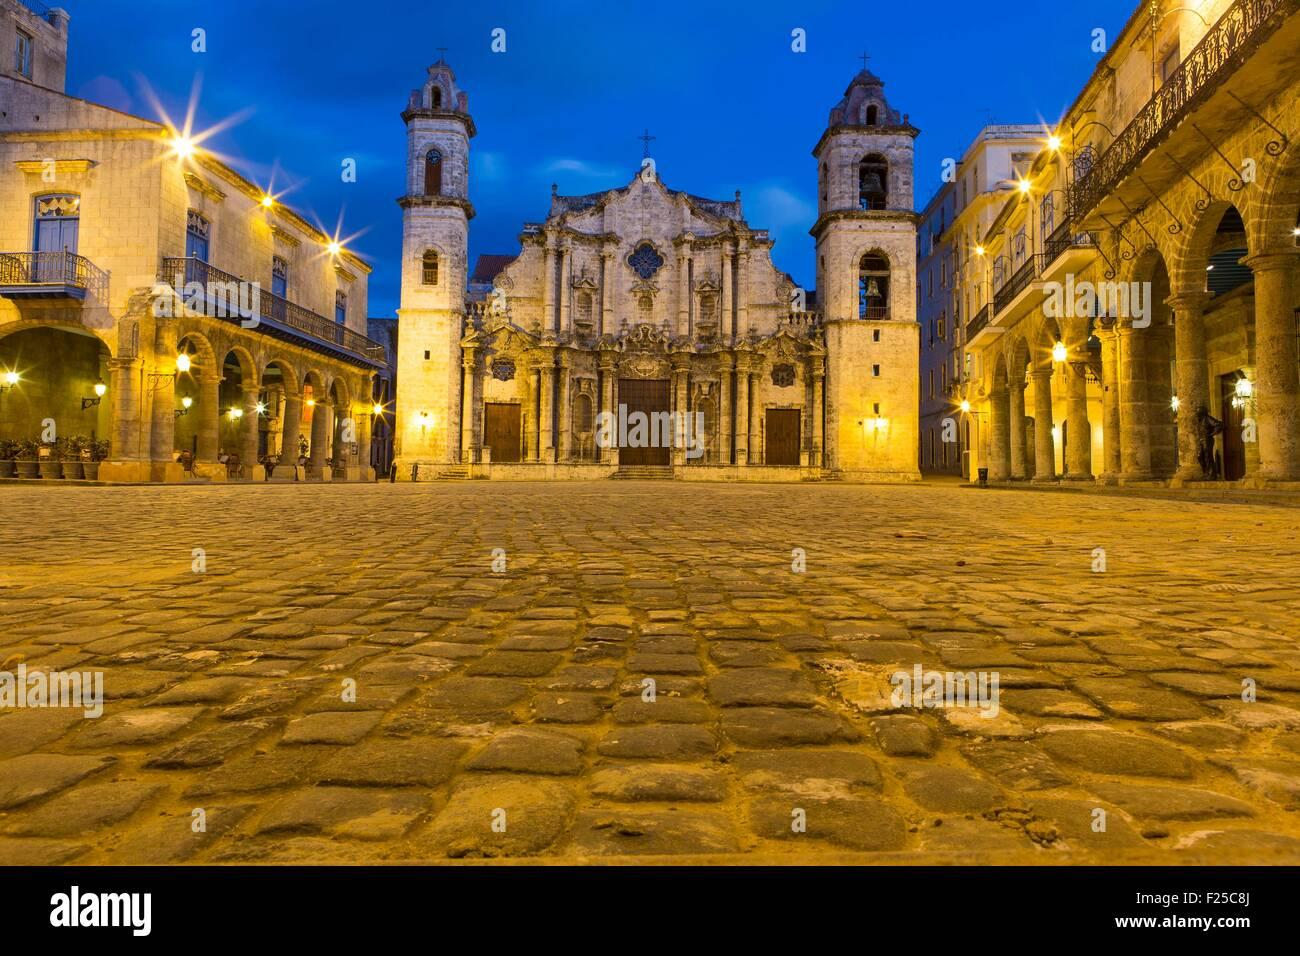 Cuba, Ciudad de la provincia de La Habana, La Habana, La Habana Vieja distrito listados como Patrimonio Mundial, Imagen De Stock